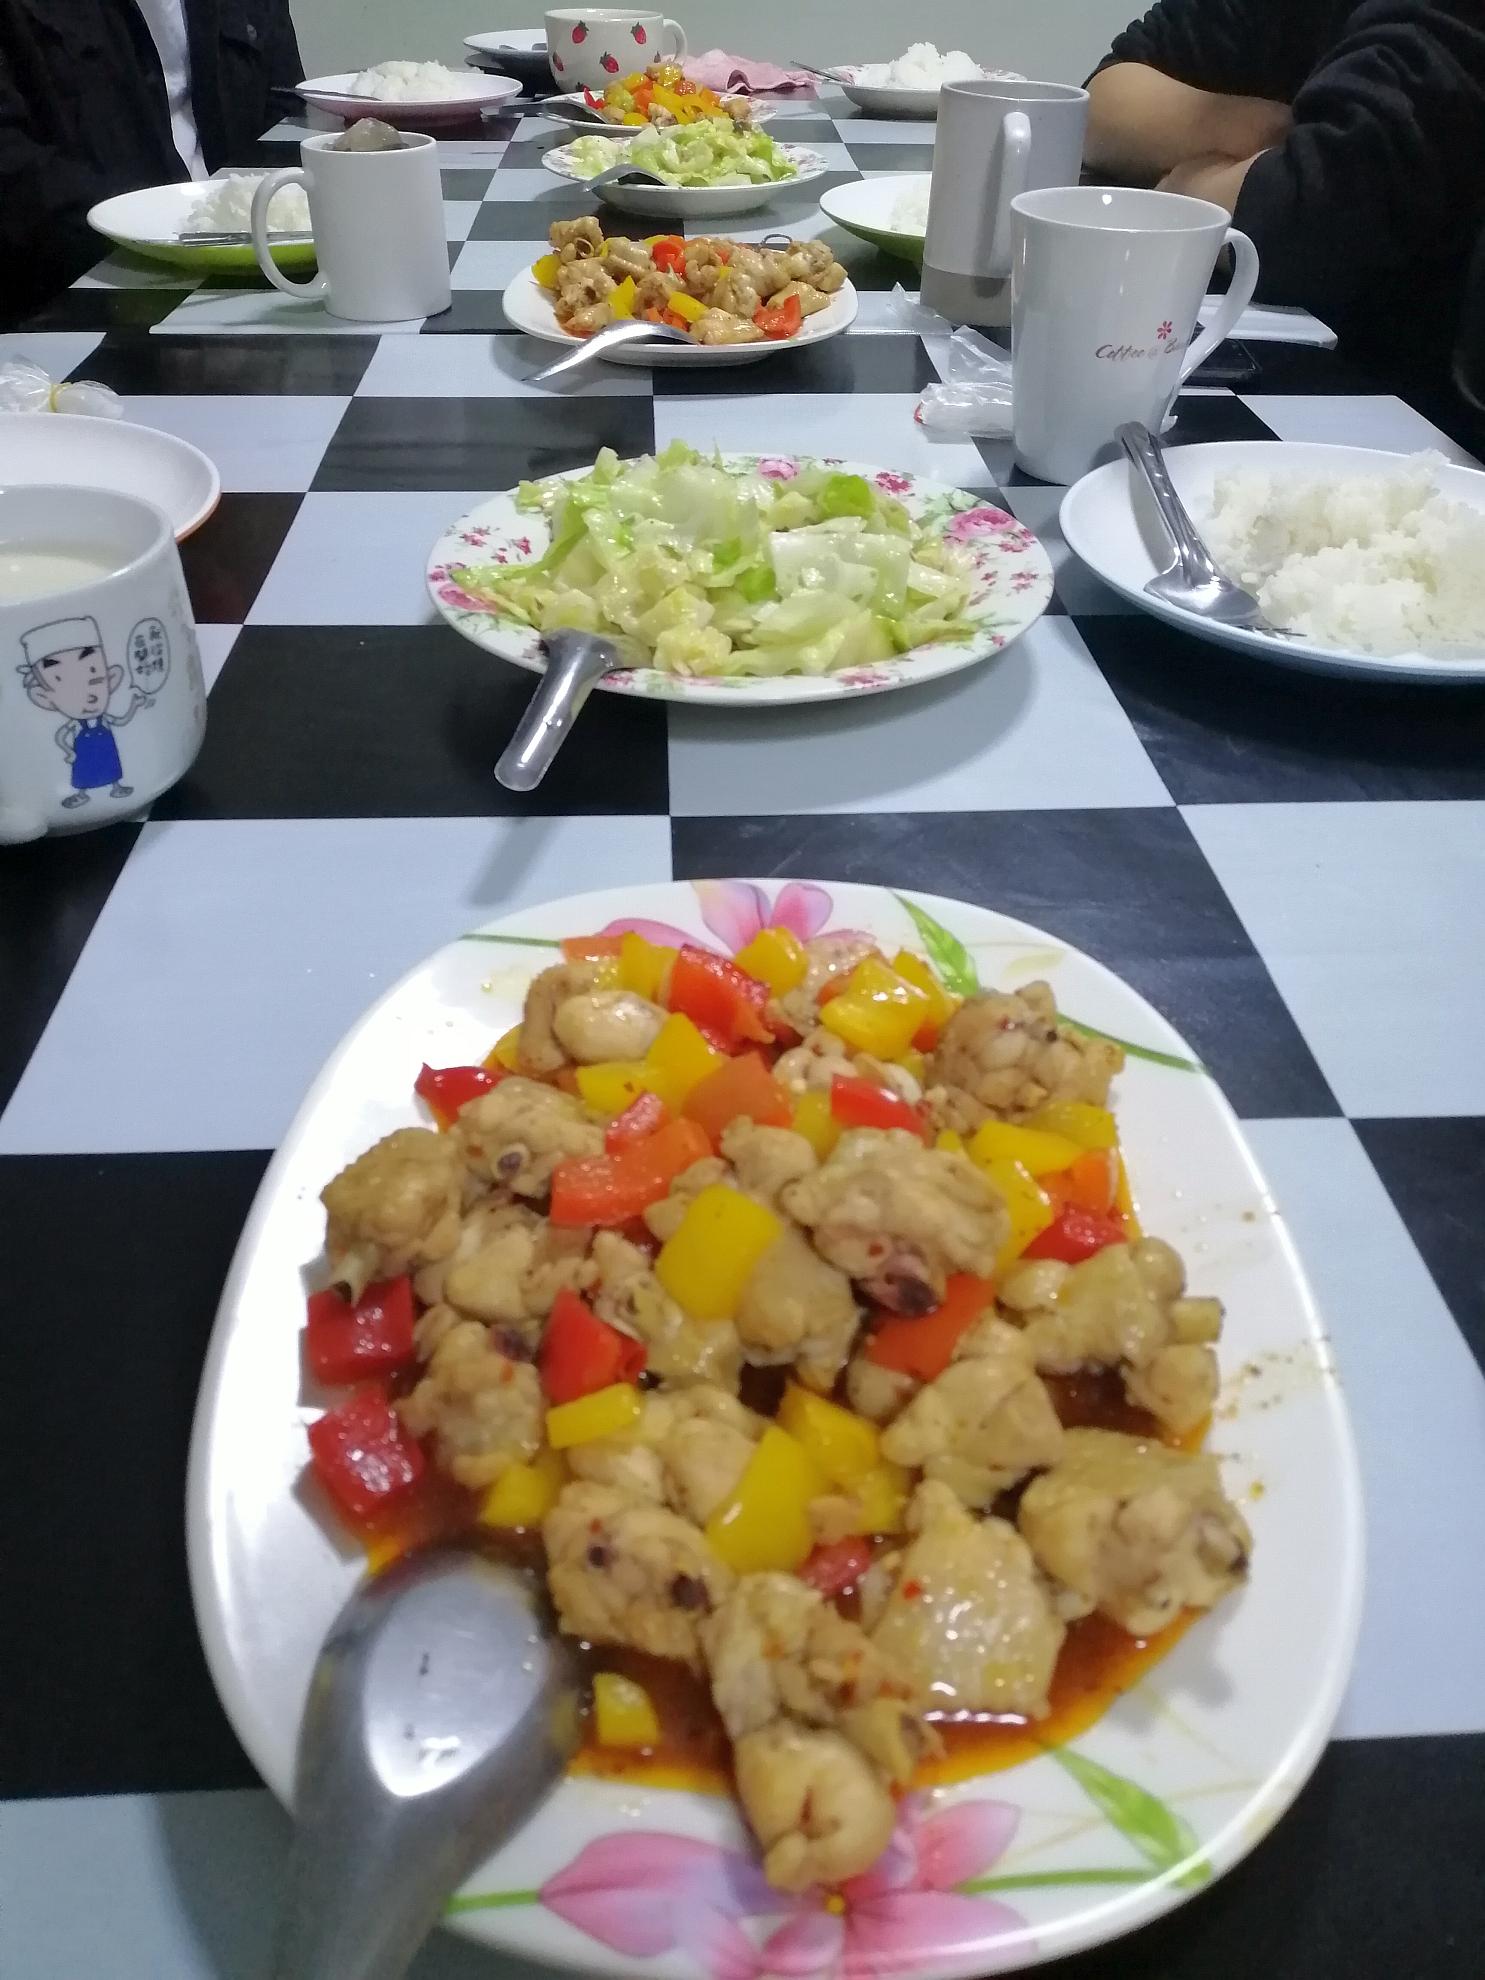 因為大學生宿舍同工離職 潔萍又要重出江湖--煮兩道小菜